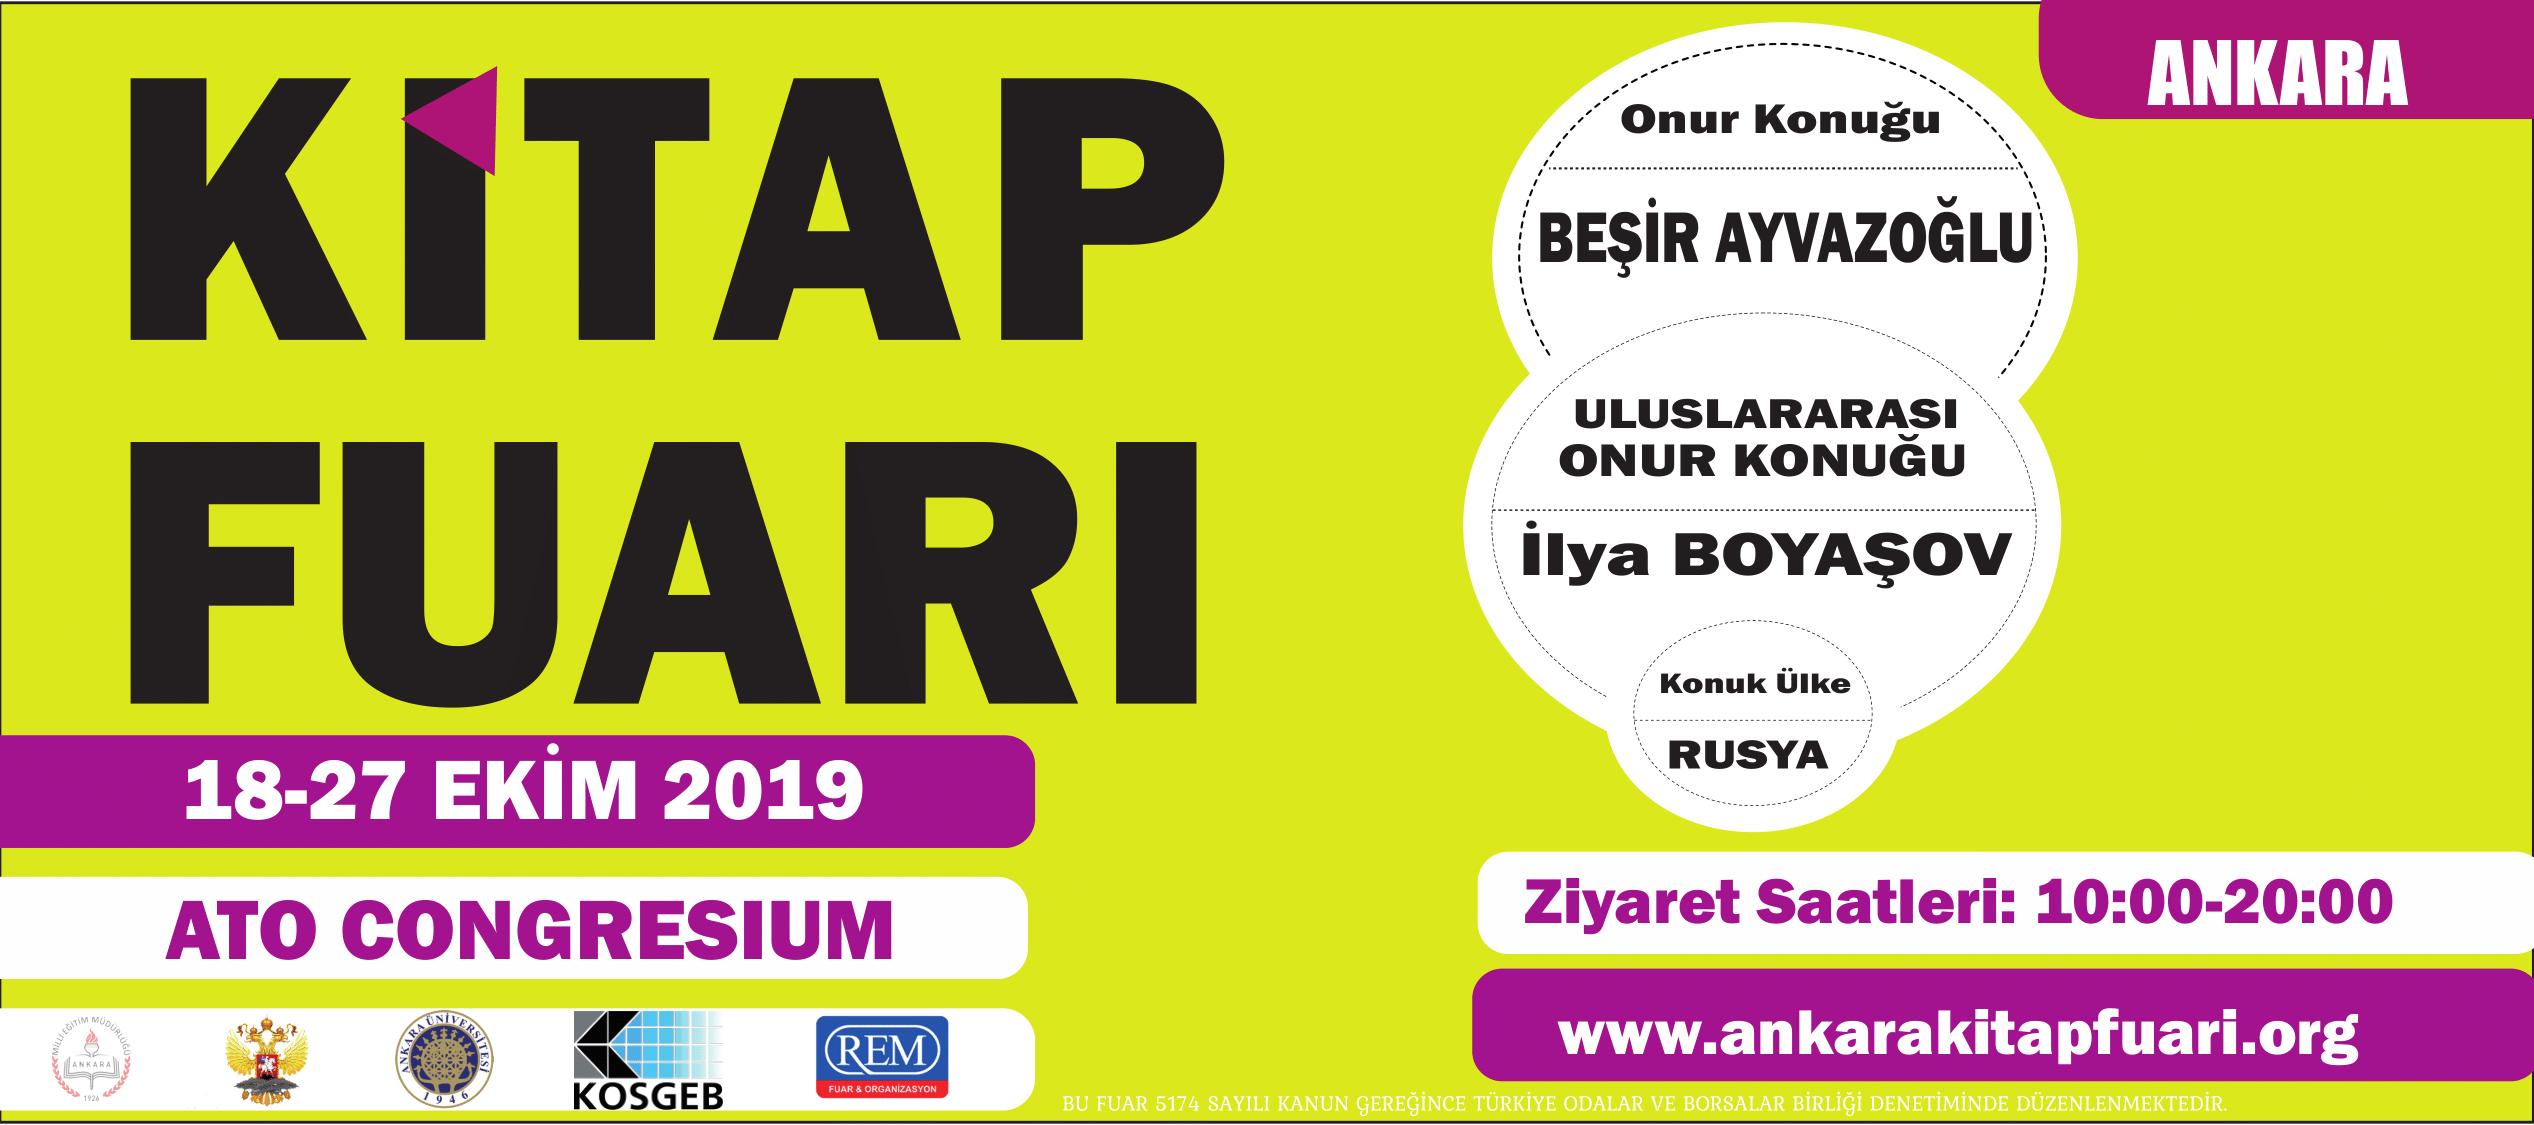 Ankara Kitap Fuarı 2019 | Congresium